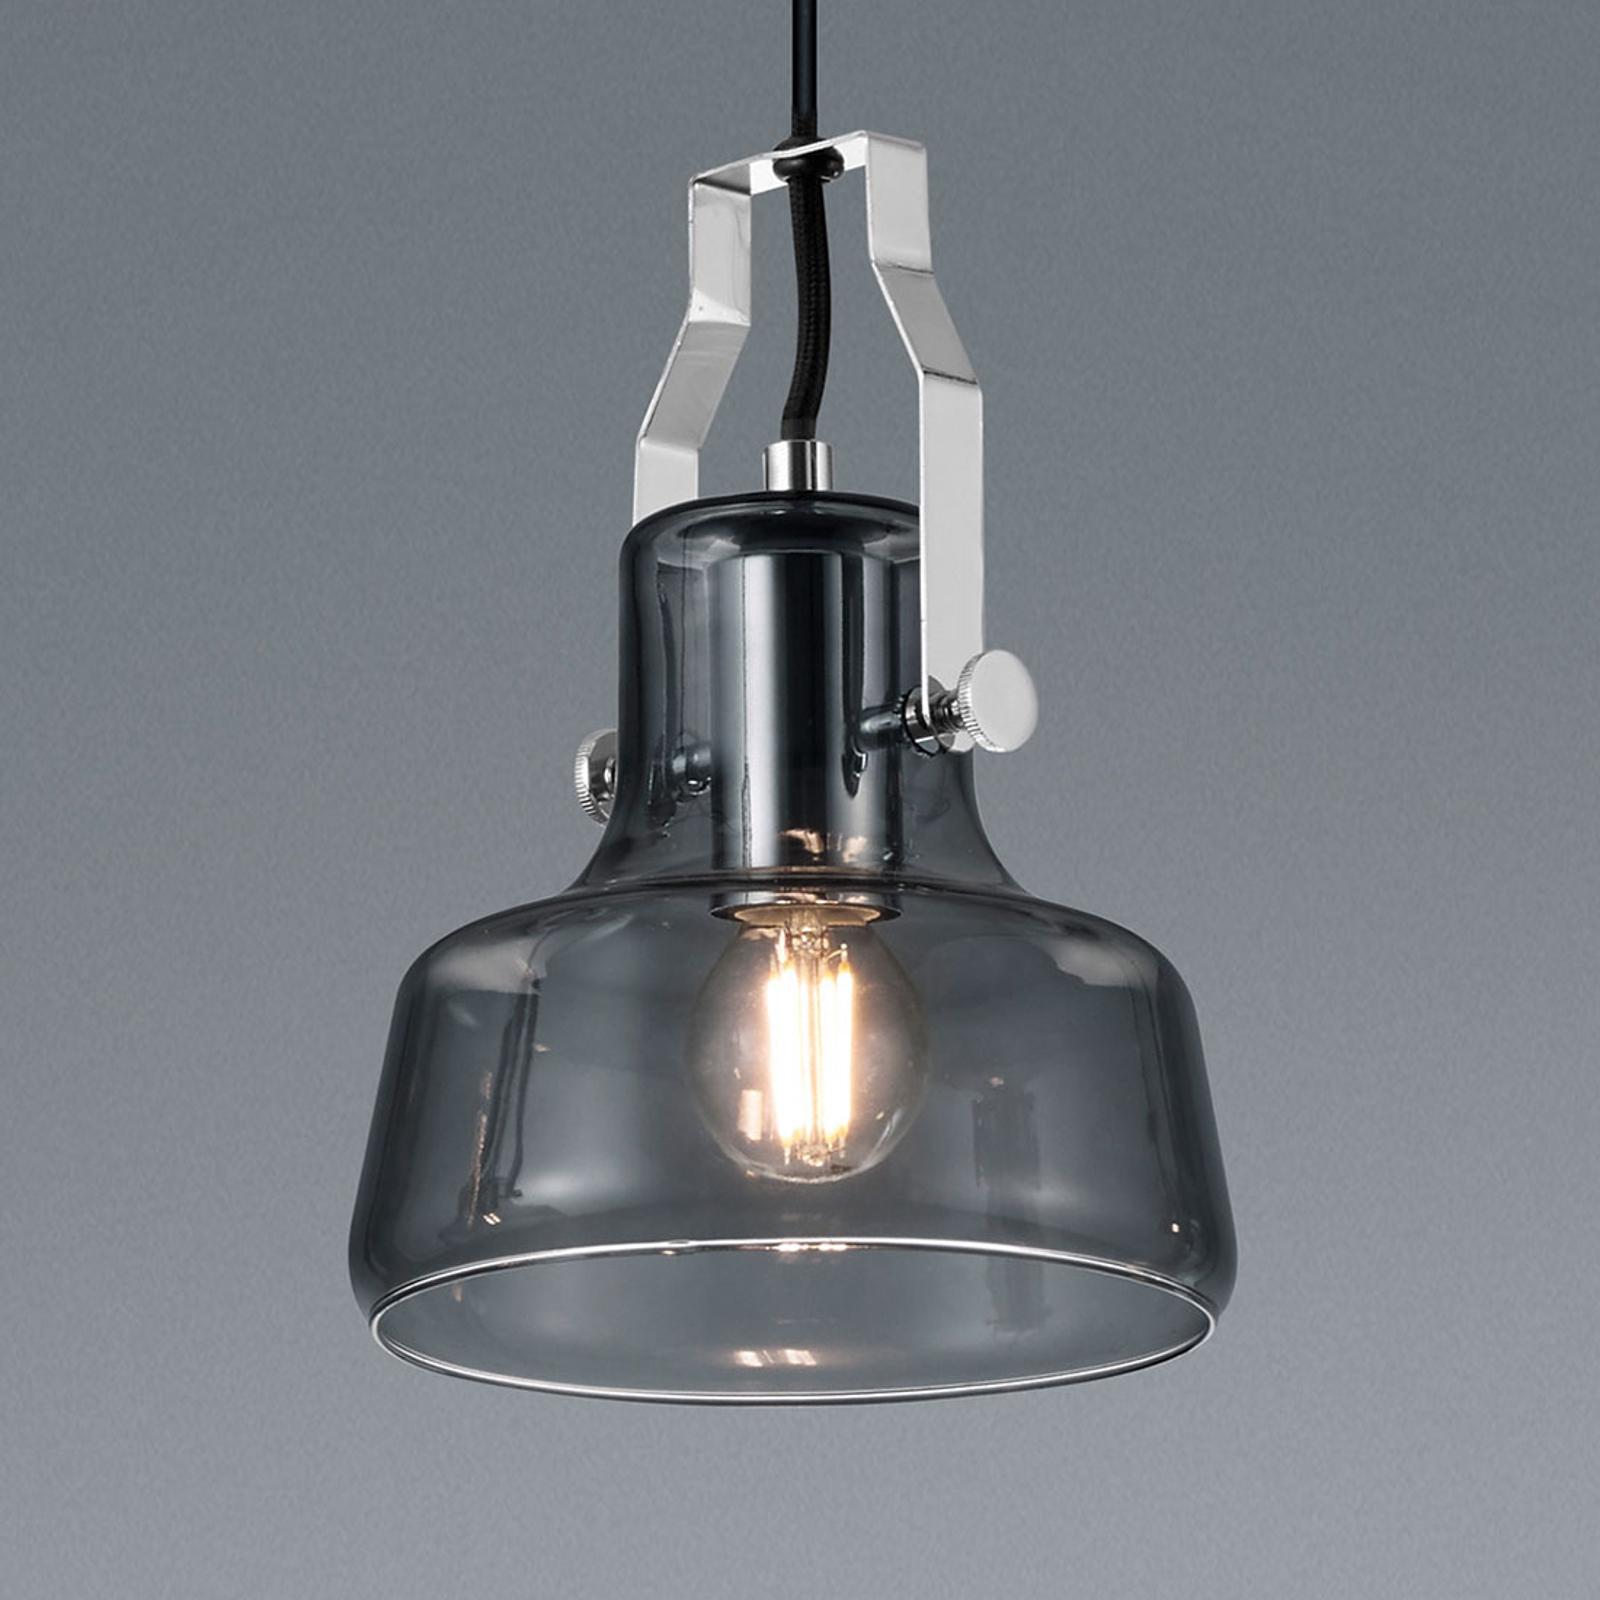 Hanglamp Kolani met glazen kap met 1 lampje